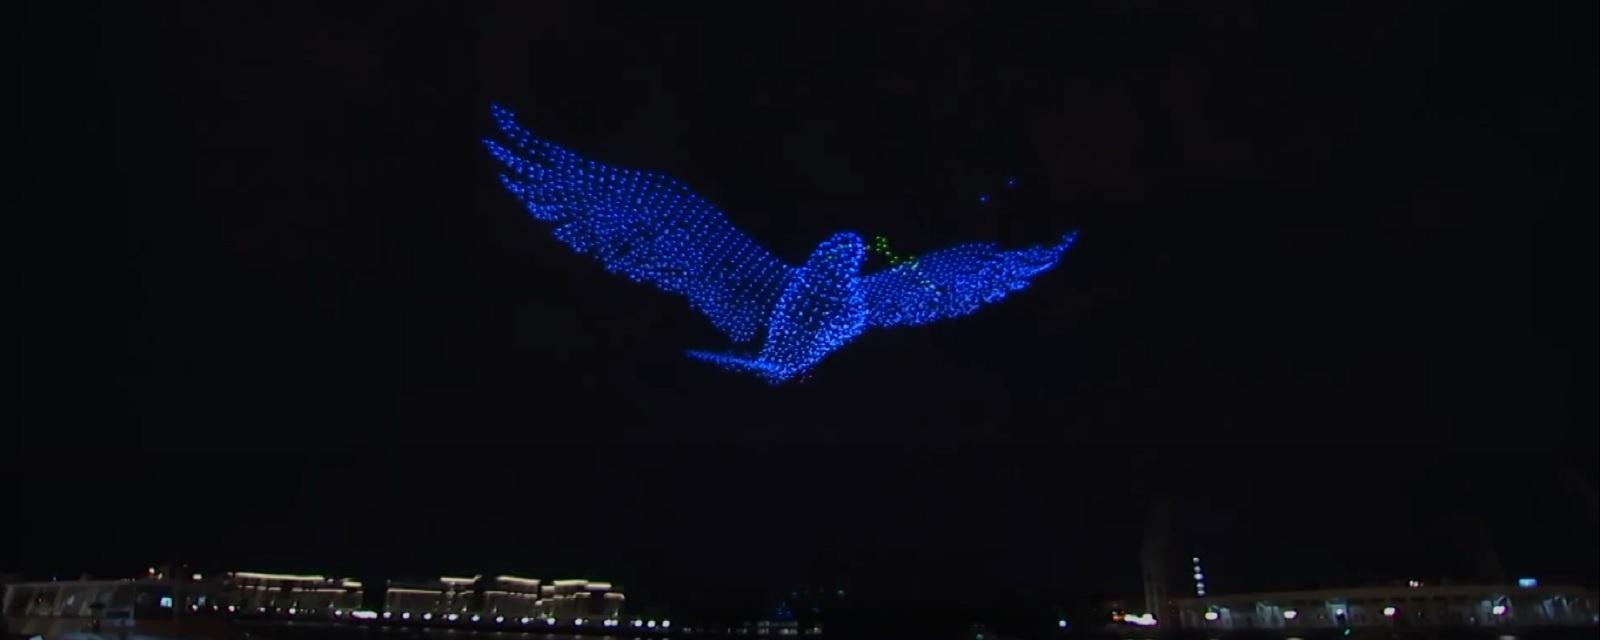 Шоу дронов в Петербурге «Мирное небо»